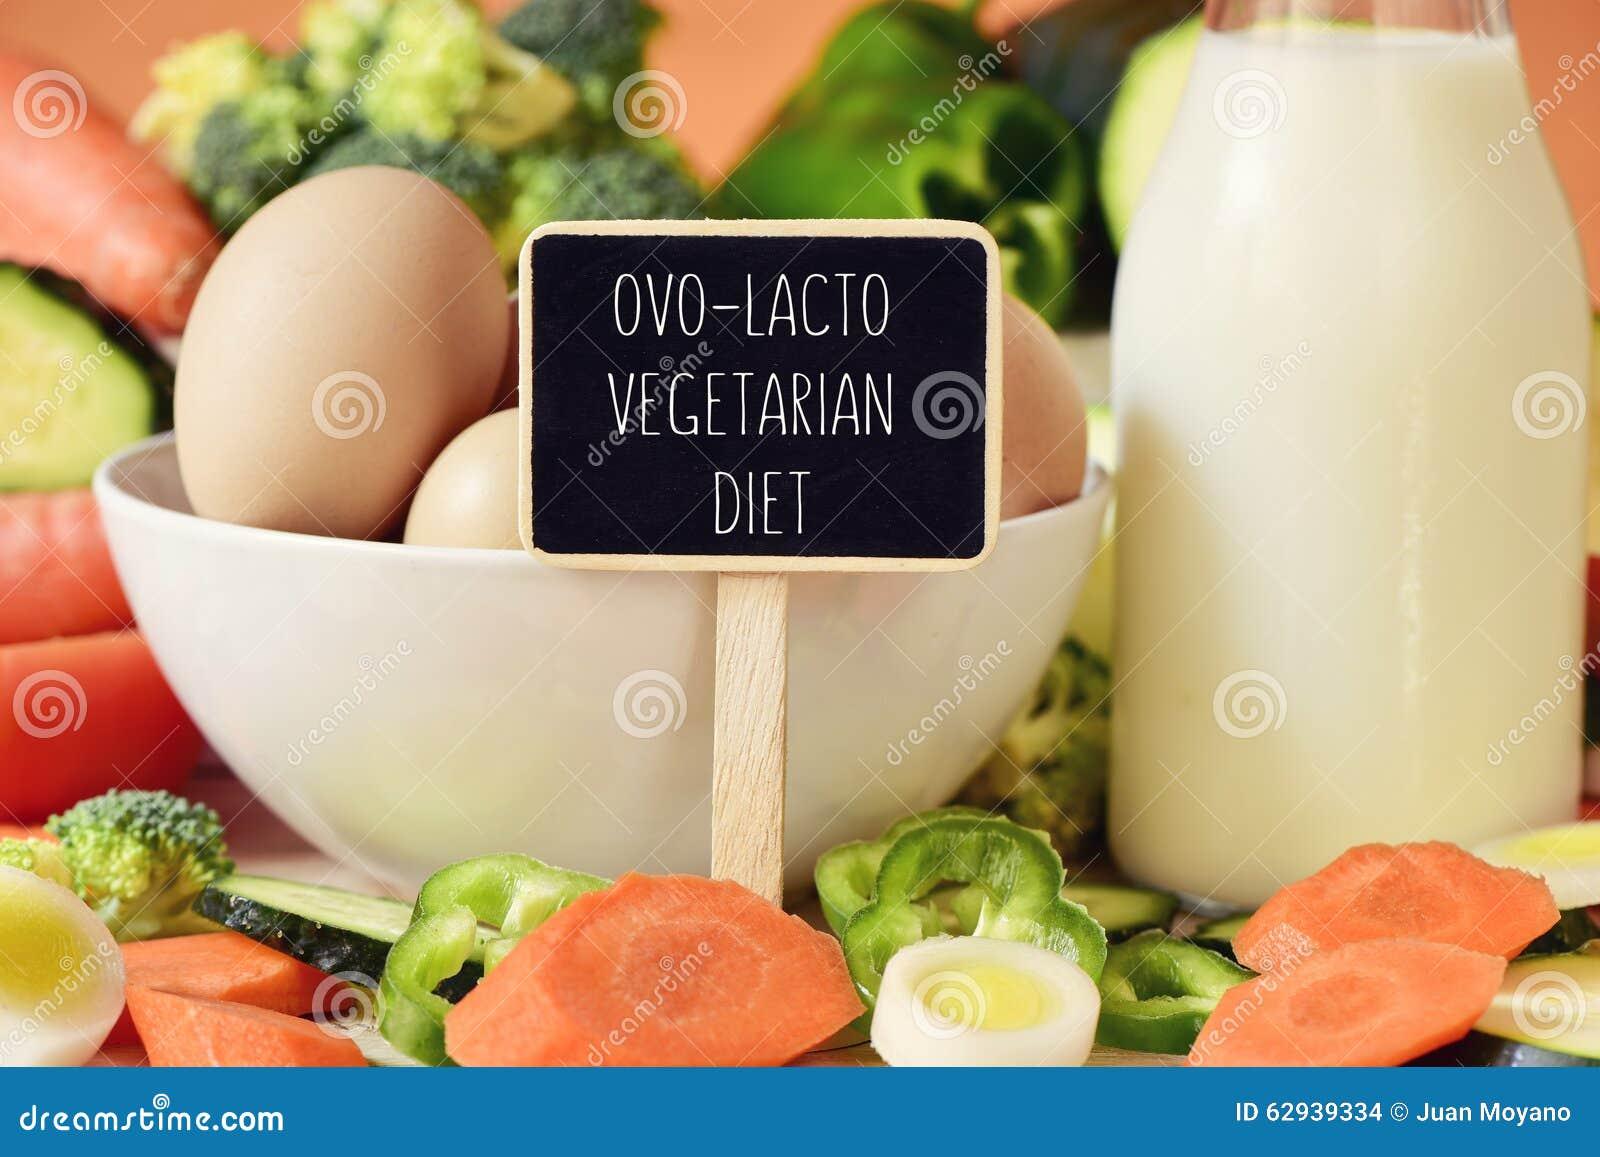 Ovolactovegetarianismo – Dieta Ovo-Lacto-Vegetariana: benefícios, desvantagens e cardápio